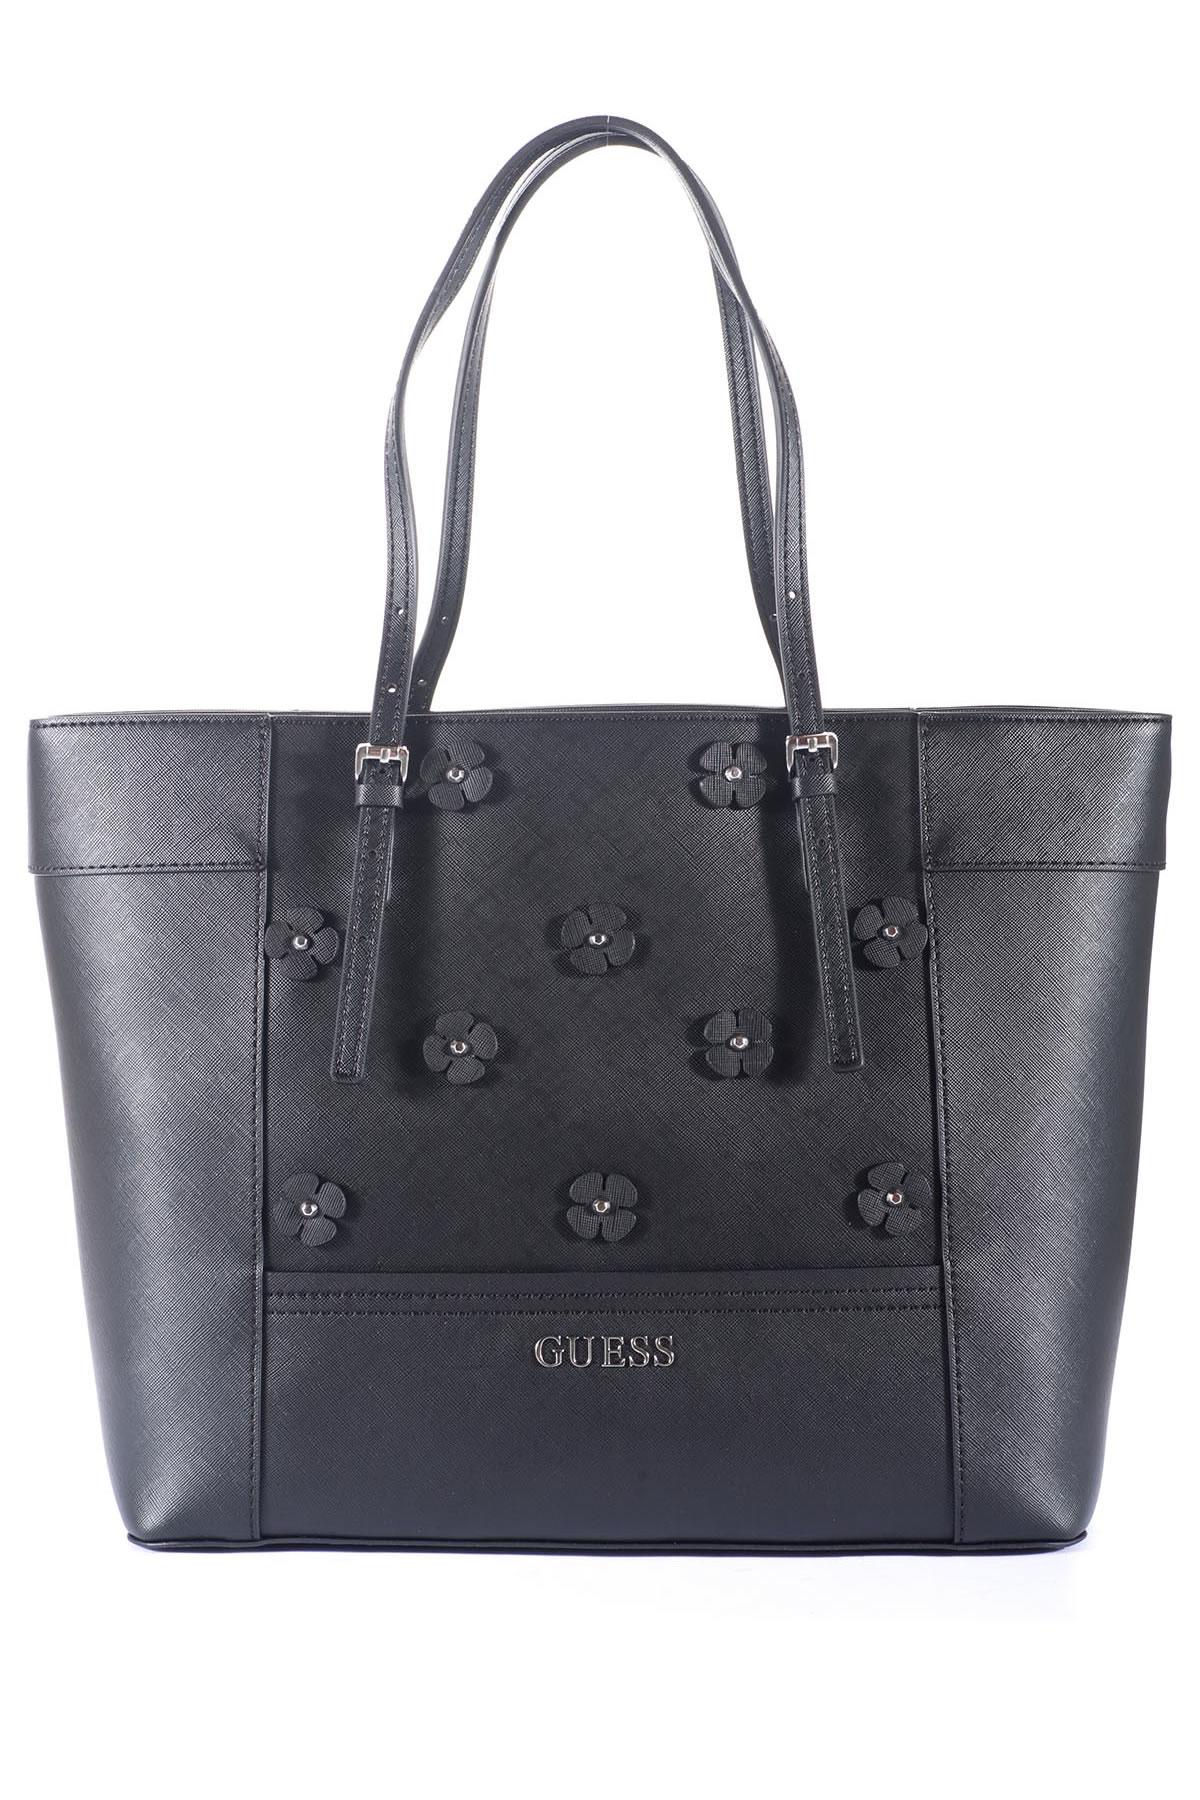 guess big bag in black lyst. Black Bedroom Furniture Sets. Home Design Ideas